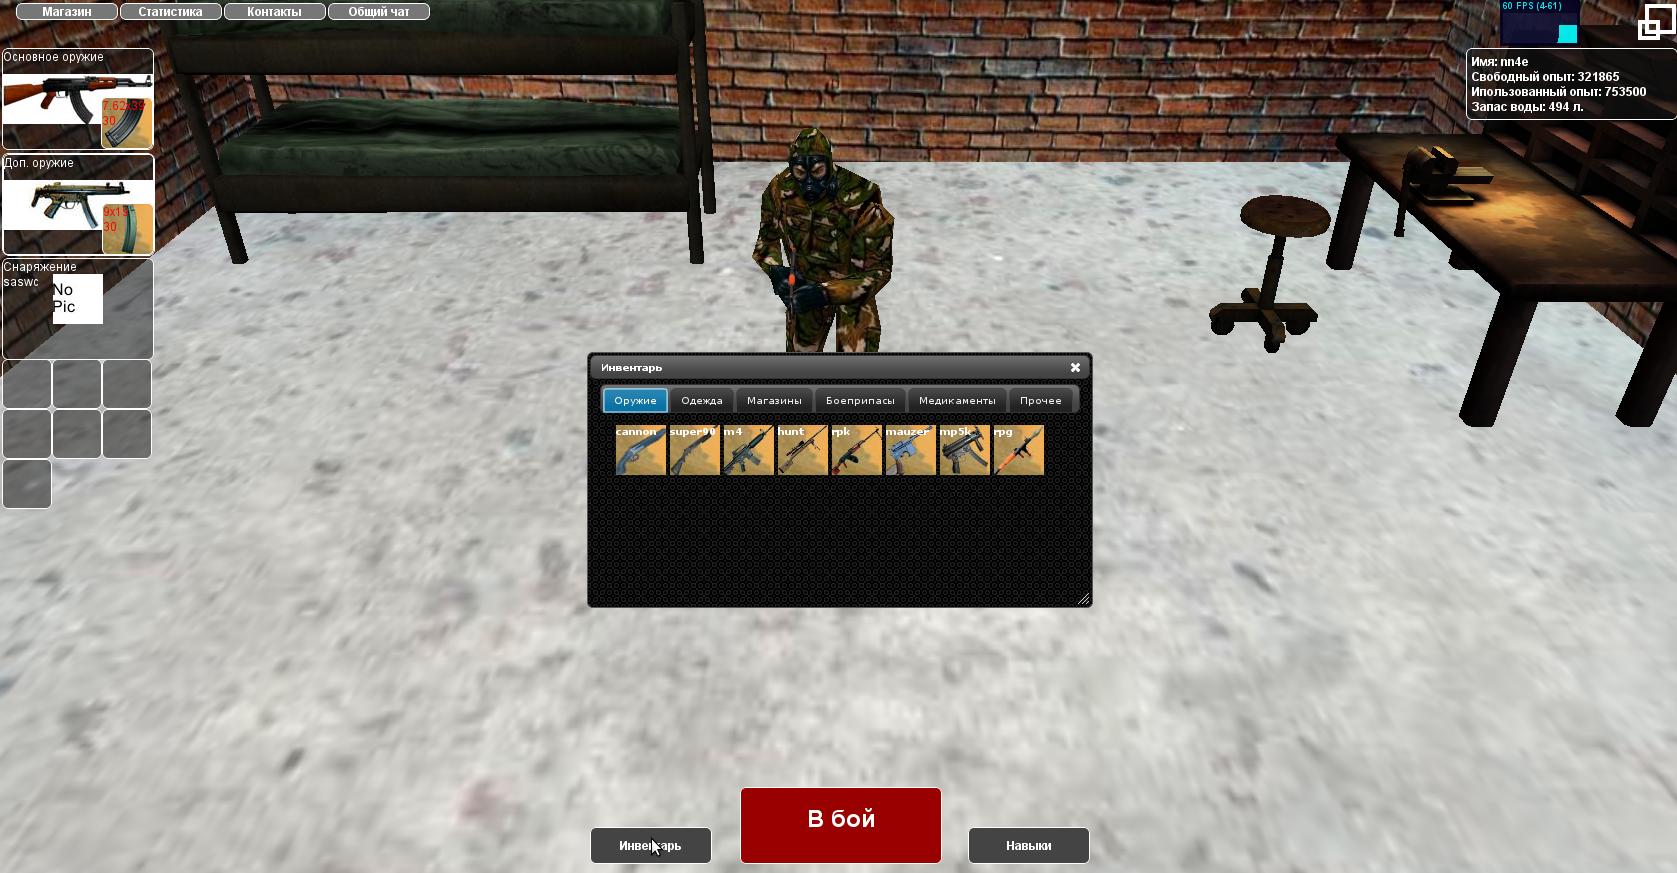 Создание мультиплеерного 3D-шутера на Webgl без опыта и денег - 5